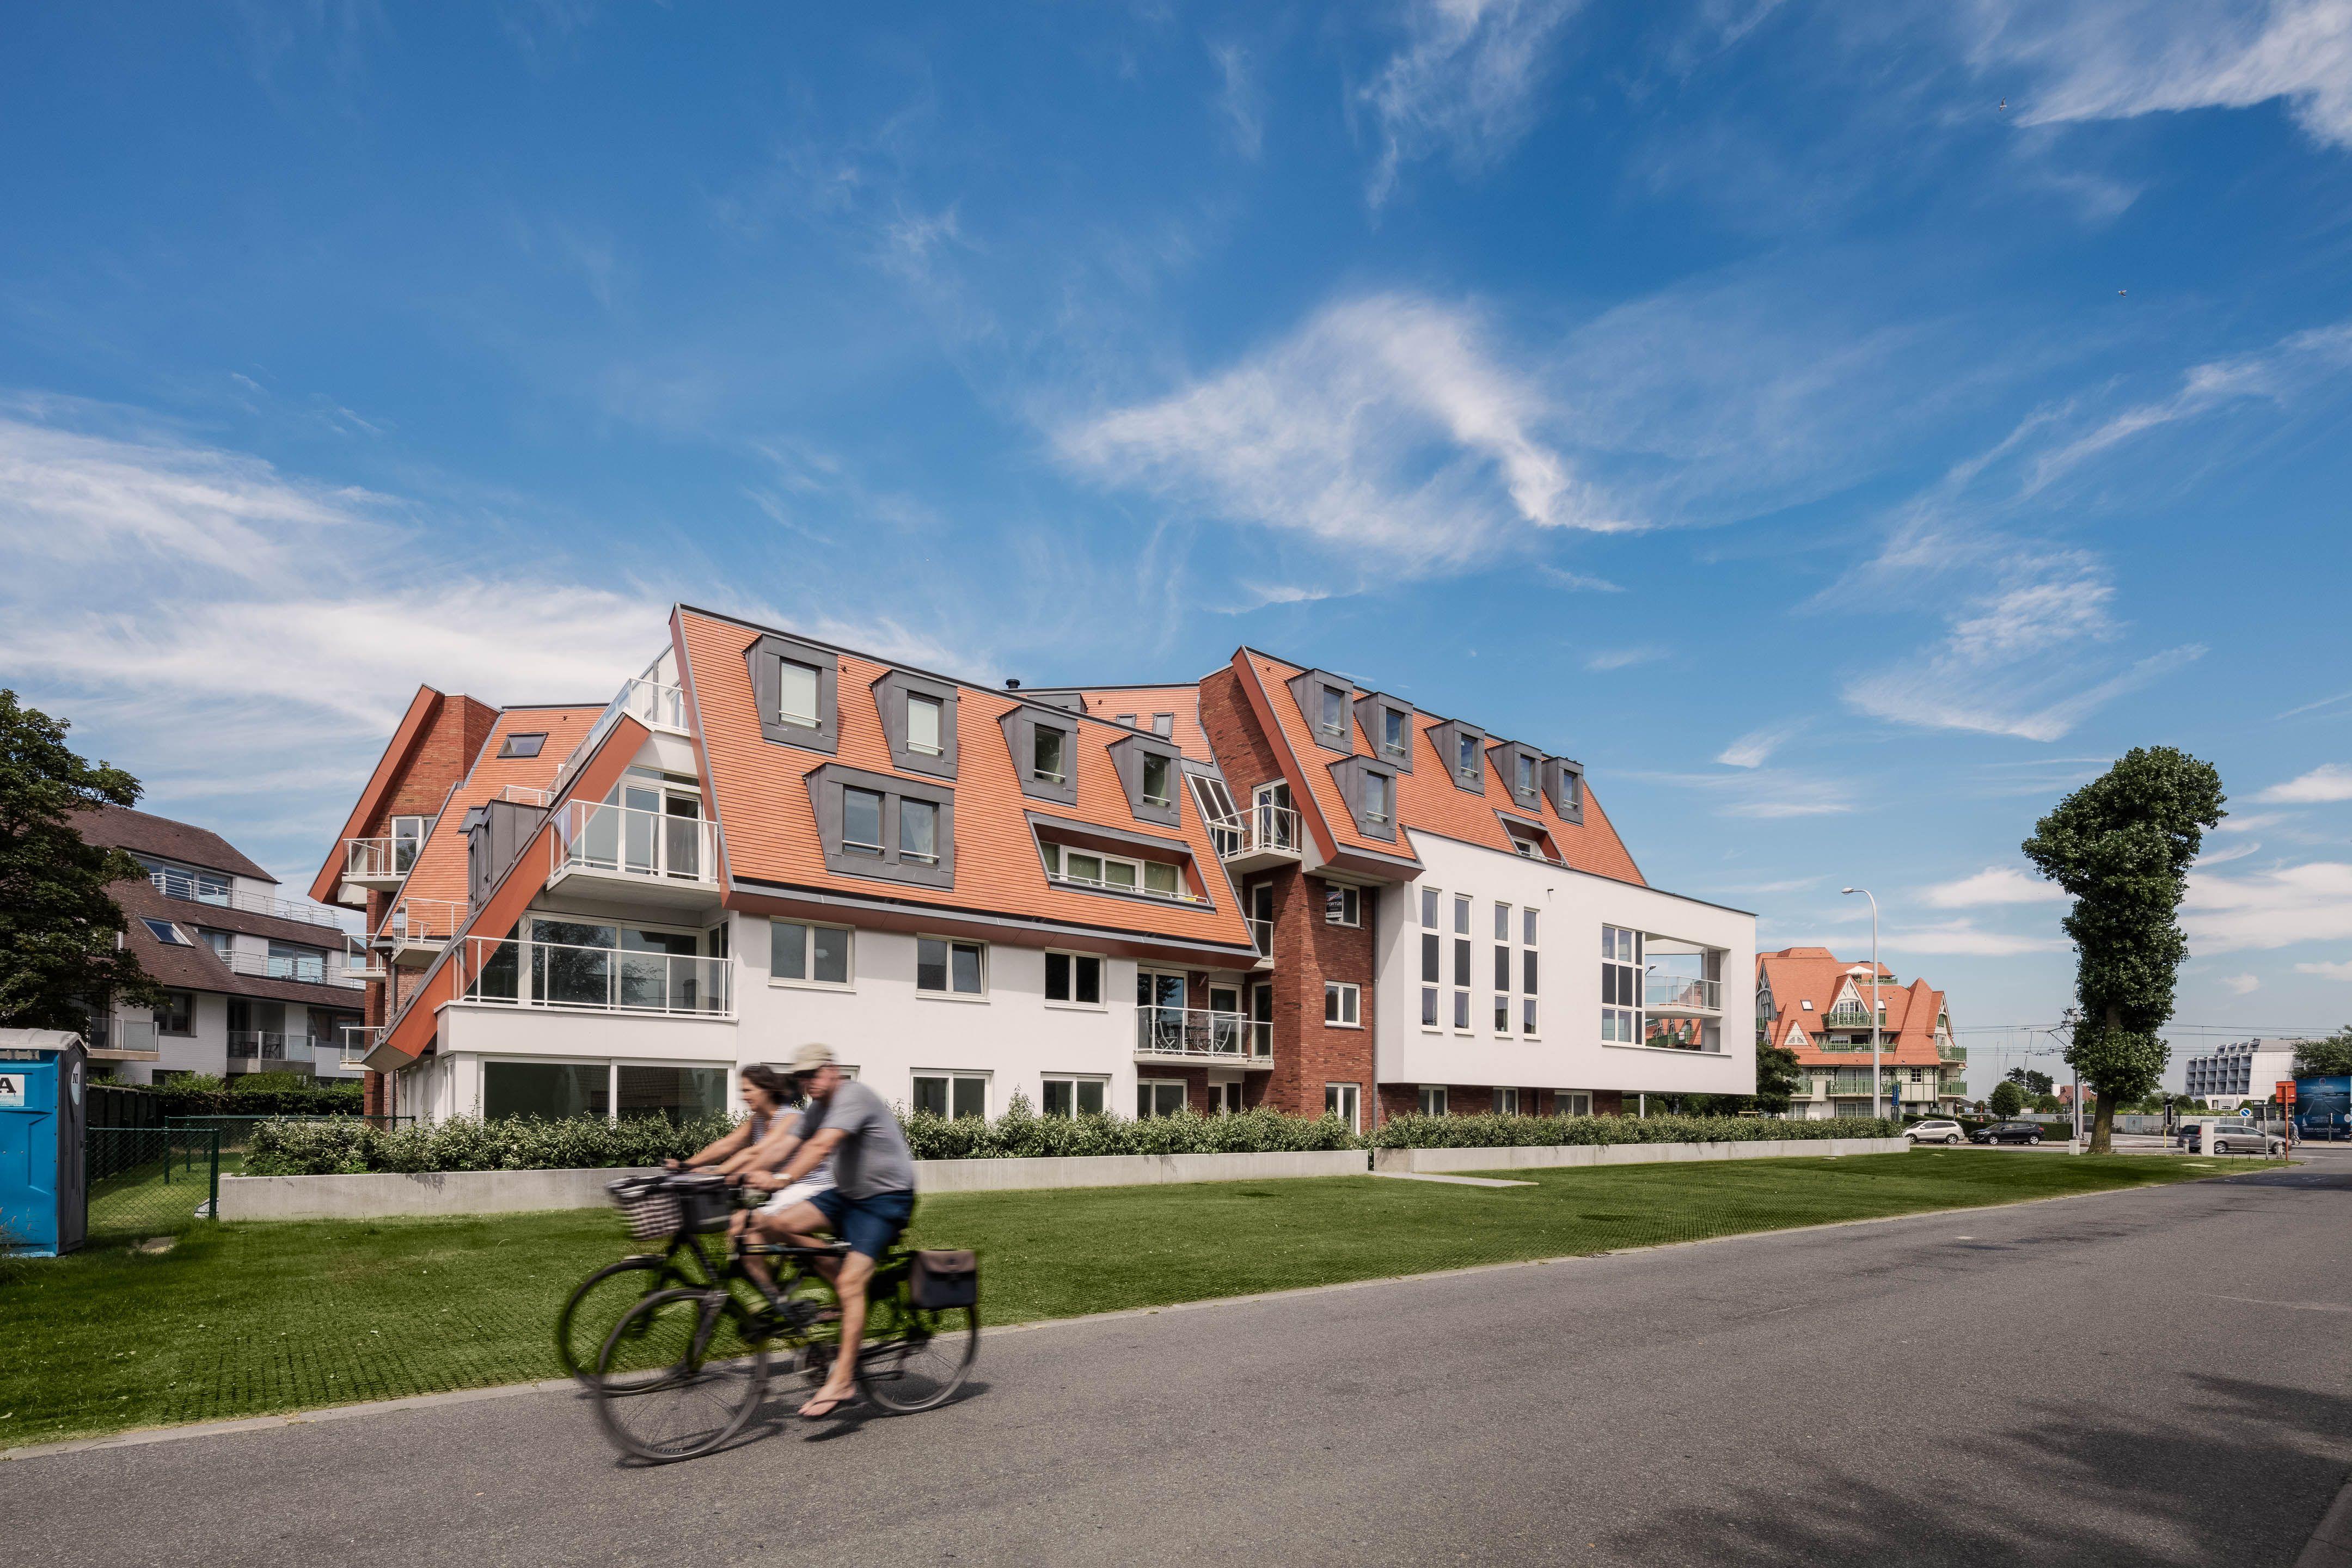 Appartement Residentie Villa Crombez Nieuwpoort - 3647